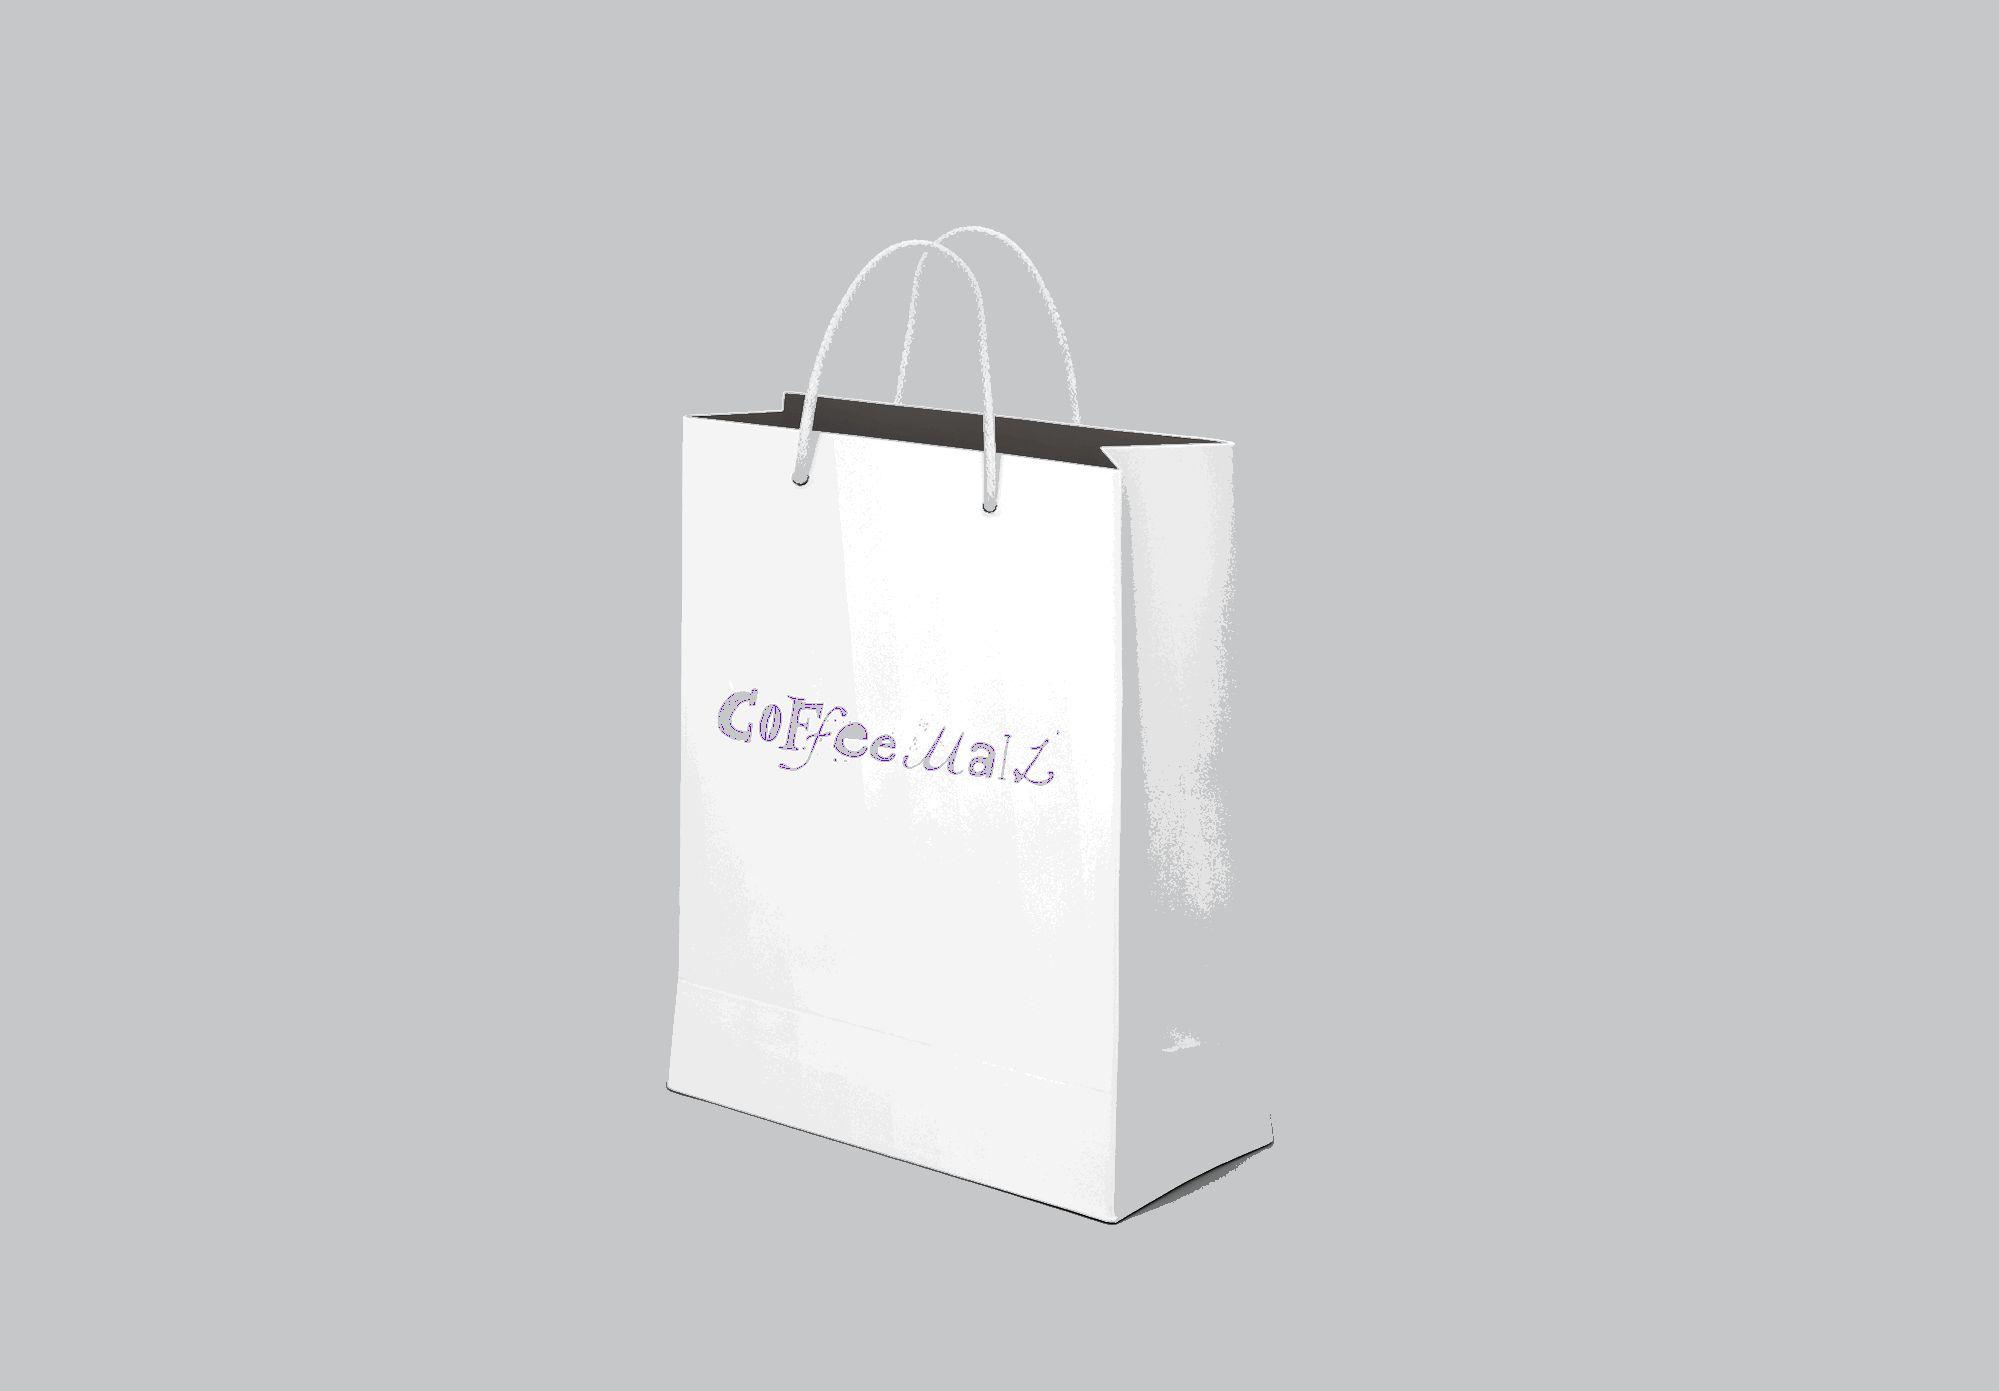 Фирменный стиль для компании КофеМолл - дизайнер AleksandraRybak